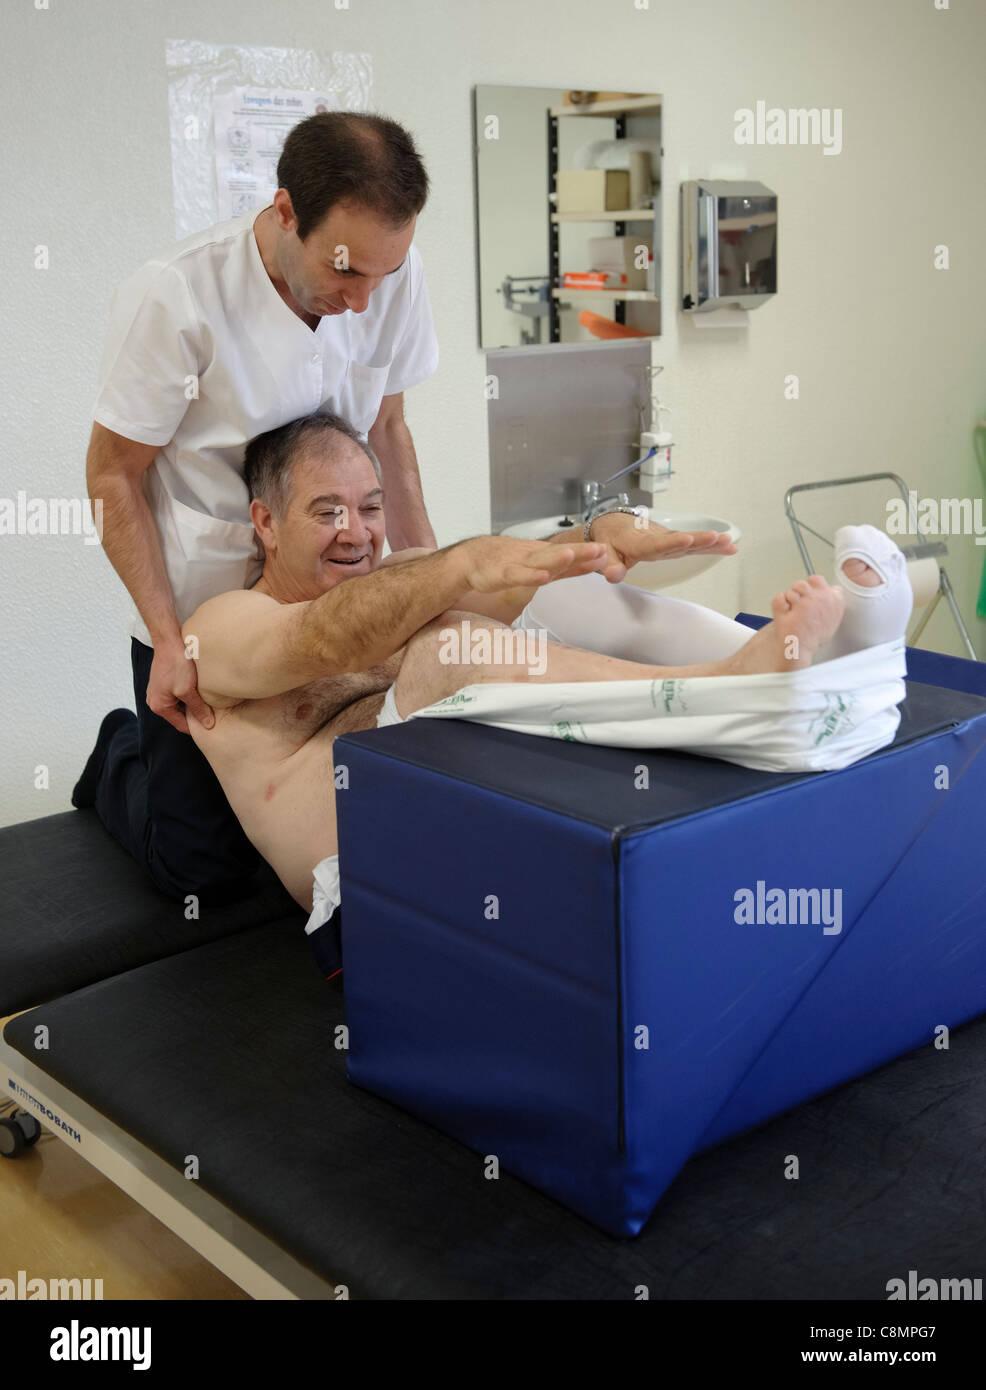 physiothérapeute datant patient